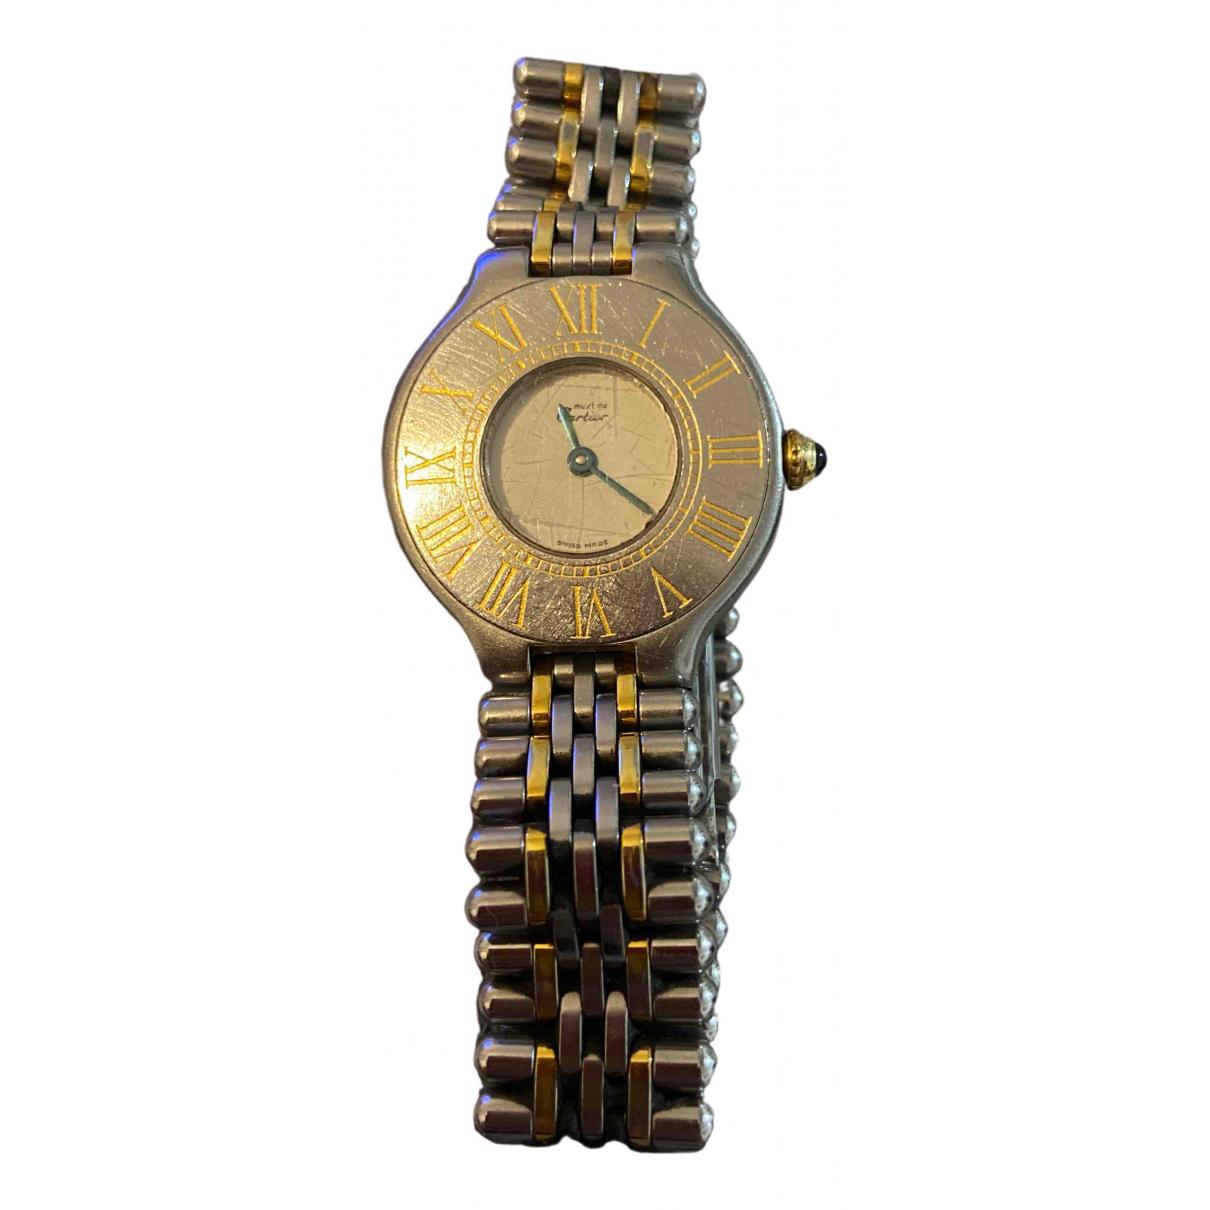 Cartier - Montre Must 21 pour femme en plaque or - dore